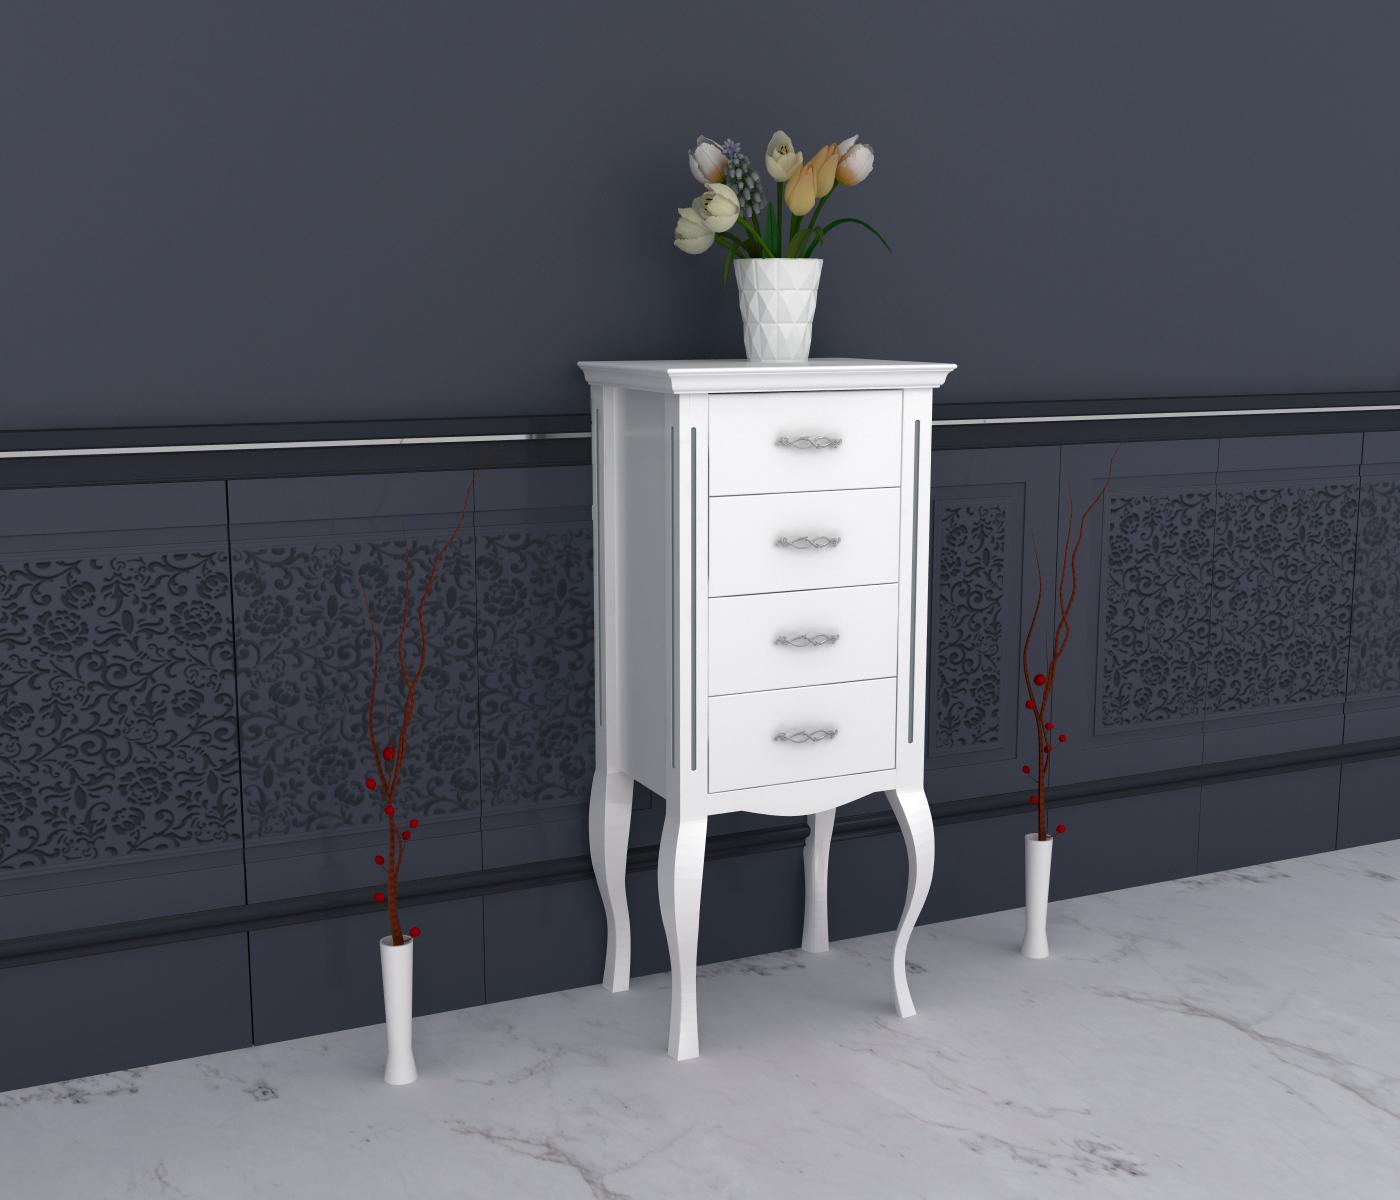 Купити в Києві меблі для ванної кімнати недорого